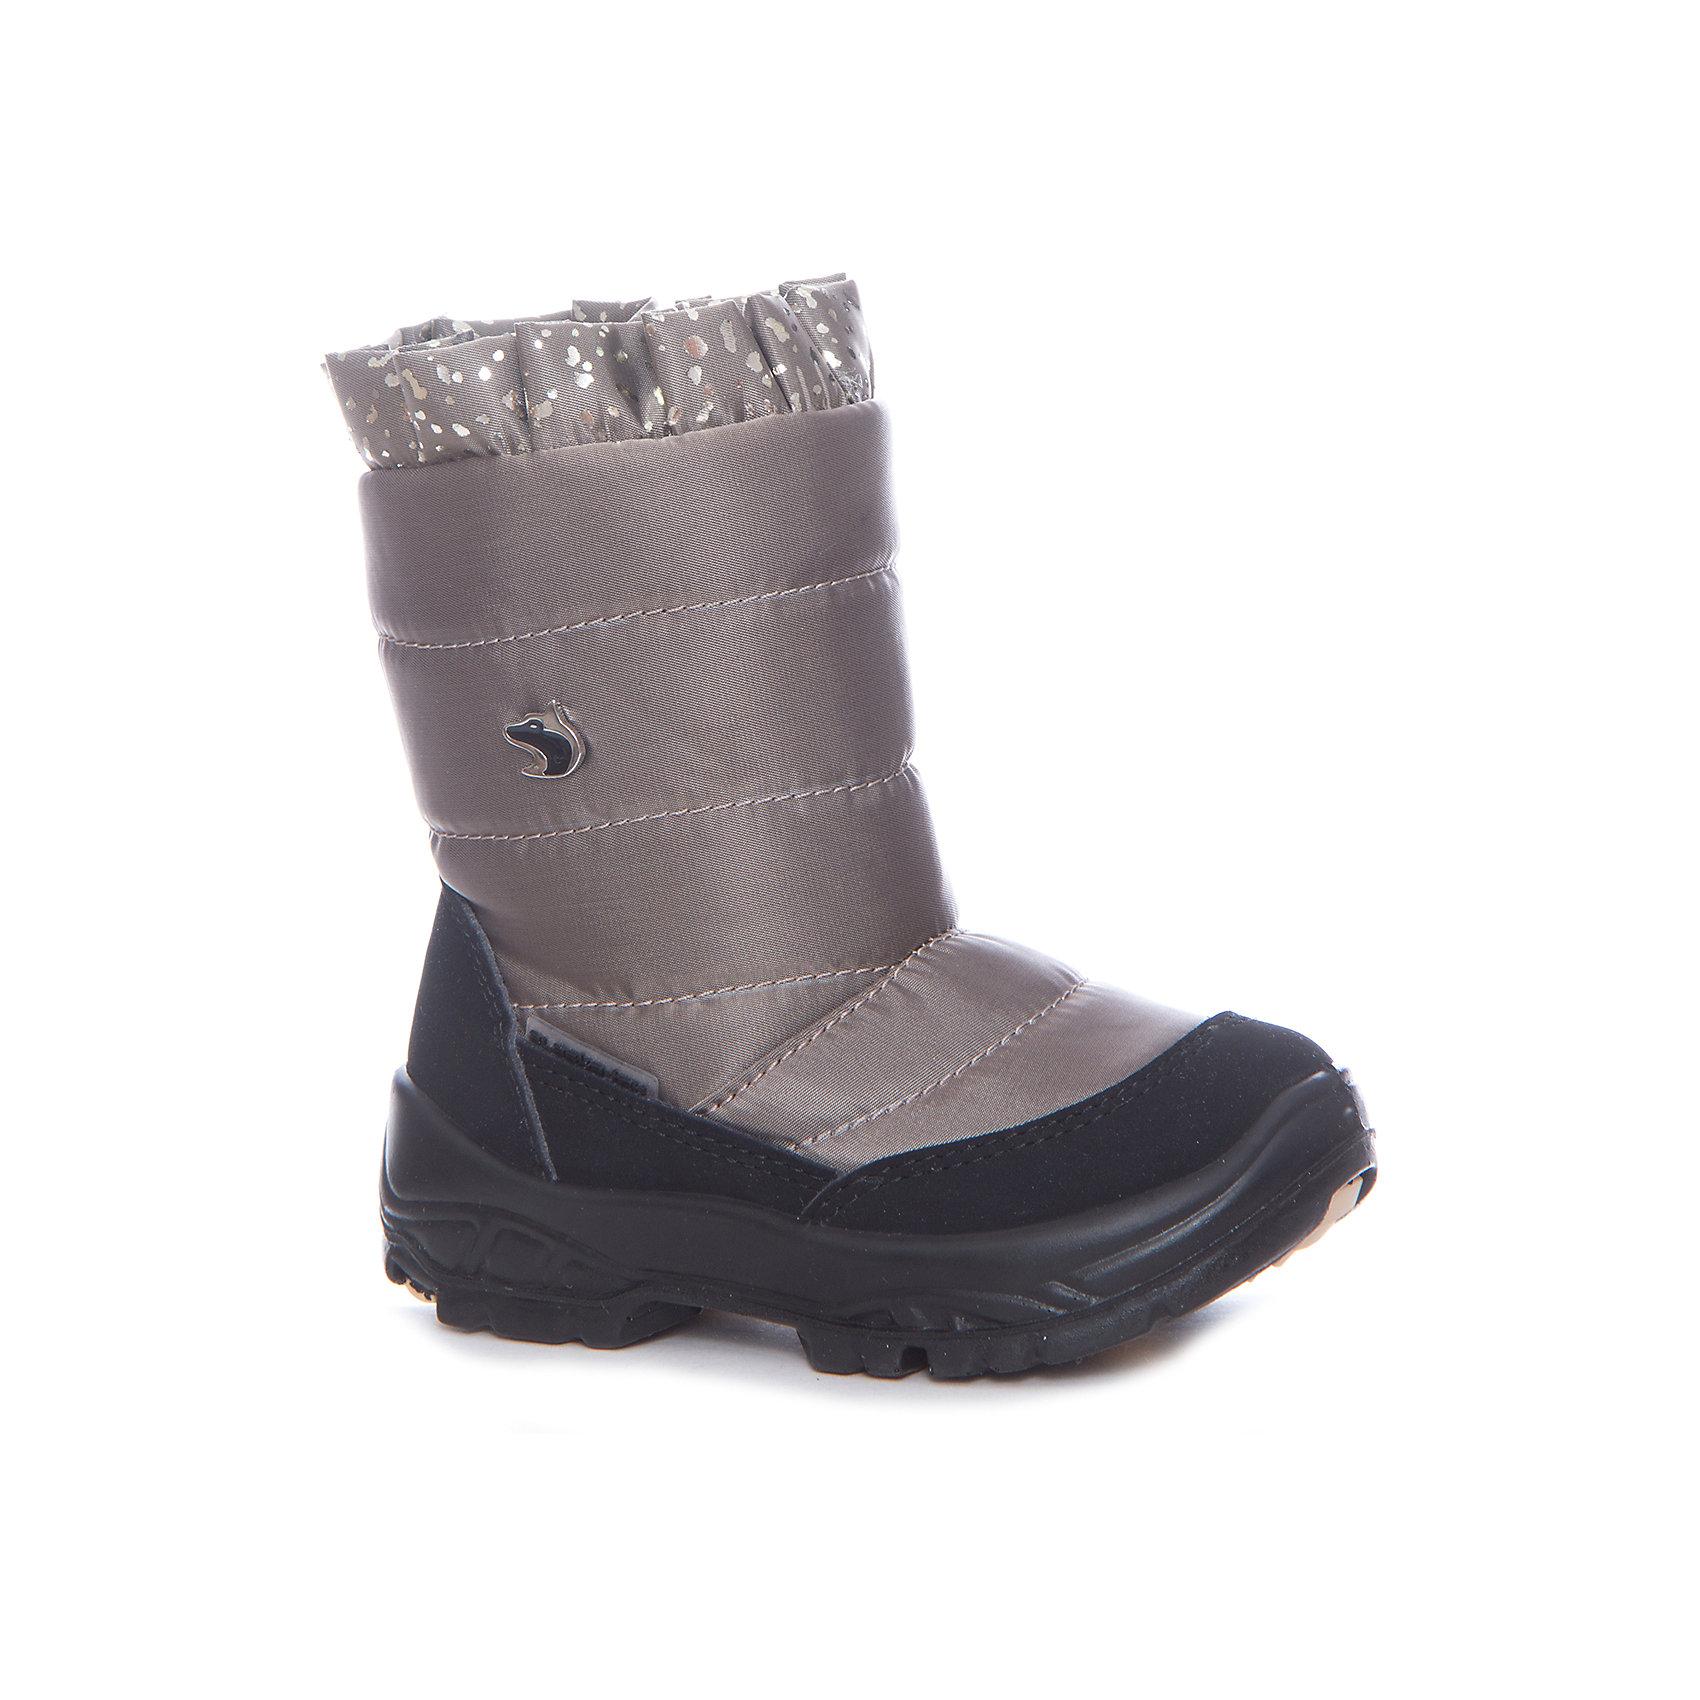 Сапоги для девочки Alaska OriginaleХарактеристики товара:<br><br>• цвет: коричневый<br>• материал верха: 54% ПЭ, 46% ПА<br>• материал подкладки: 100% овечья шерсть <br>• материал подошвы: полиуретан, термополиуретан<br>• температурный режим: от-25° до 0° С<br>• мембранный слой<br>• блестящий присобранный верх<br>• застежка: молния<br>• толстая устойчивая подошва<br>• усиленные пятка и носок<br>• страна бренда: Италия<br>• страна изготовитель: Румыния<br><br>Качественная обувь особенна важна в суровых условиях русской зимы. Чтобы не пропустить главные зимние удовольствия, нужно запастись теплой и удобной обувью! Такие сапожки обеспечат ребенку необходимый для активного отдыха комфорт, а мембранный слой позволит ножкам оставаться сухими: он выводит наружу лишнюю влагу, не пропуская жидкости внутрь. Сапожки легко надеваются и снимаются, отлично сидят на ноге. <br>Обувь от итальянского бренда Alaska Originale - это качественные товары, созданные с применением новейших технологий и с использованием как натуральных, так и высокотехнологичных материалов. Обувь отличается стильным дизайном и продуманной конструкцией. Изделие производится из качественных и проверенных материалов, которые безопасны для детей.<br><br>Сапоги для девочки от бренда Alaska Originale можно купить в нашем интернет-магазине.<br><br>Ширина мм: 257<br>Глубина мм: 180<br>Высота мм: 130<br>Вес г: 420<br>Цвет: коричневый<br>Возраст от месяцев: 18<br>Возраст до месяцев: 21<br>Пол: Женский<br>Возраст: Детский<br>Размер: 23,27,26,25,24<br>SKU: 5134381